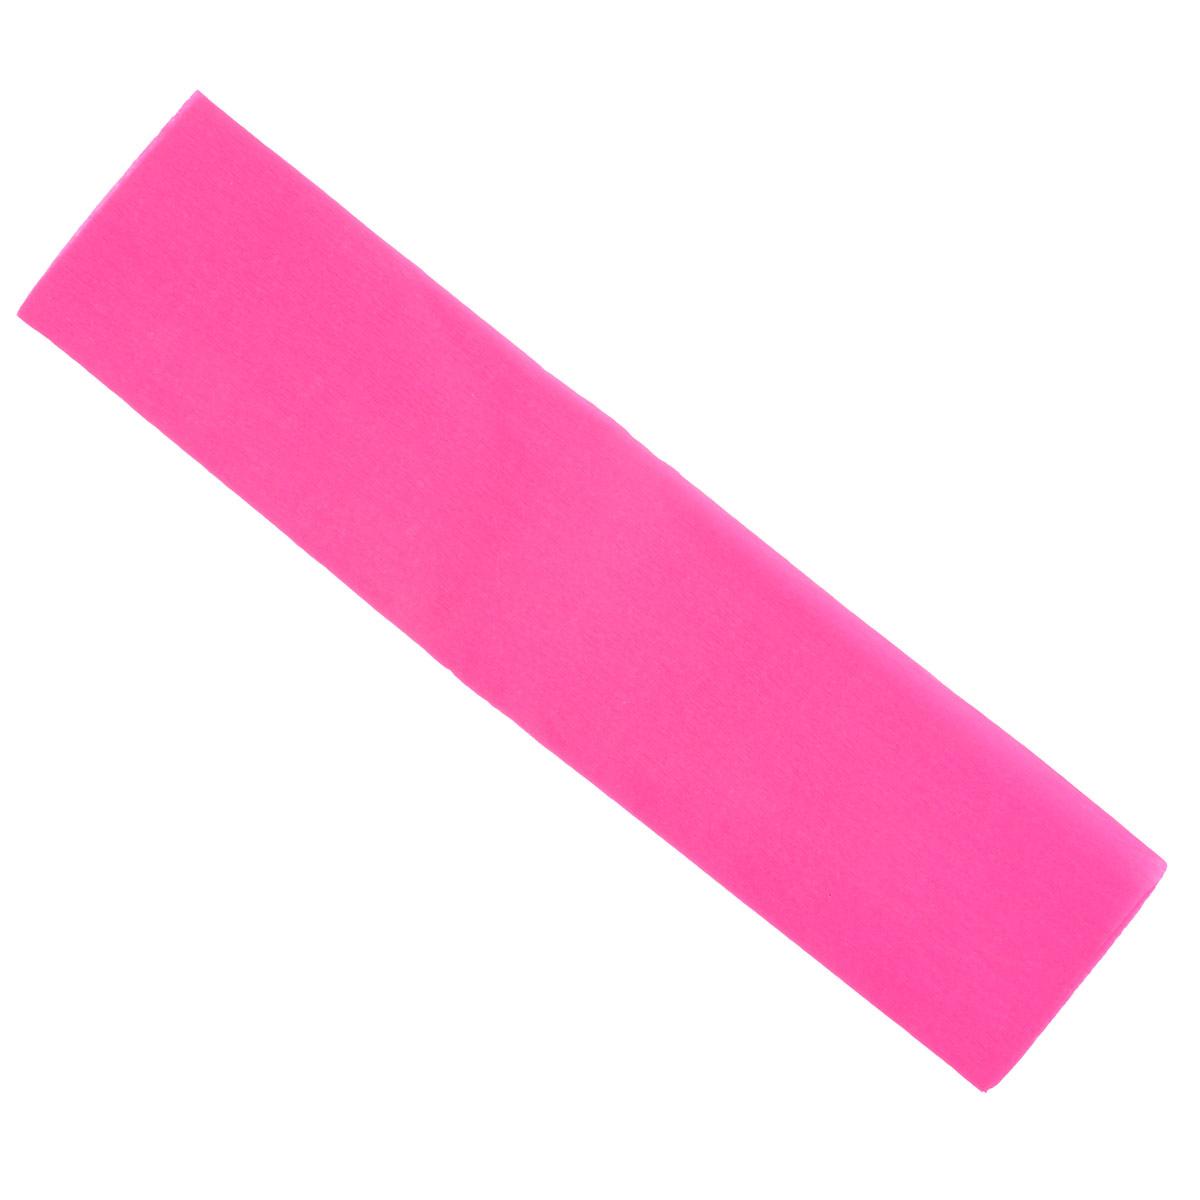 Крепированная бумага Hatber, флюоресцентная, цвет: розовый, 5 см х 25 смБк2ф_00018Цветная флюоресцентная бумага Hatber - отличный вариант для развития творчества вашего ребенка. Бумага с фактурным покрытием очень гибкая и мягкая, из нее можно создавать чудесные аппликации, игрушки, подарки и объемные поделки.Цветная флюоресцентная бумага Hatber способствует развитию фантазии, цветовосприятия и мелкой моторики рук.Размер бумаги - 5 см х 25 см.